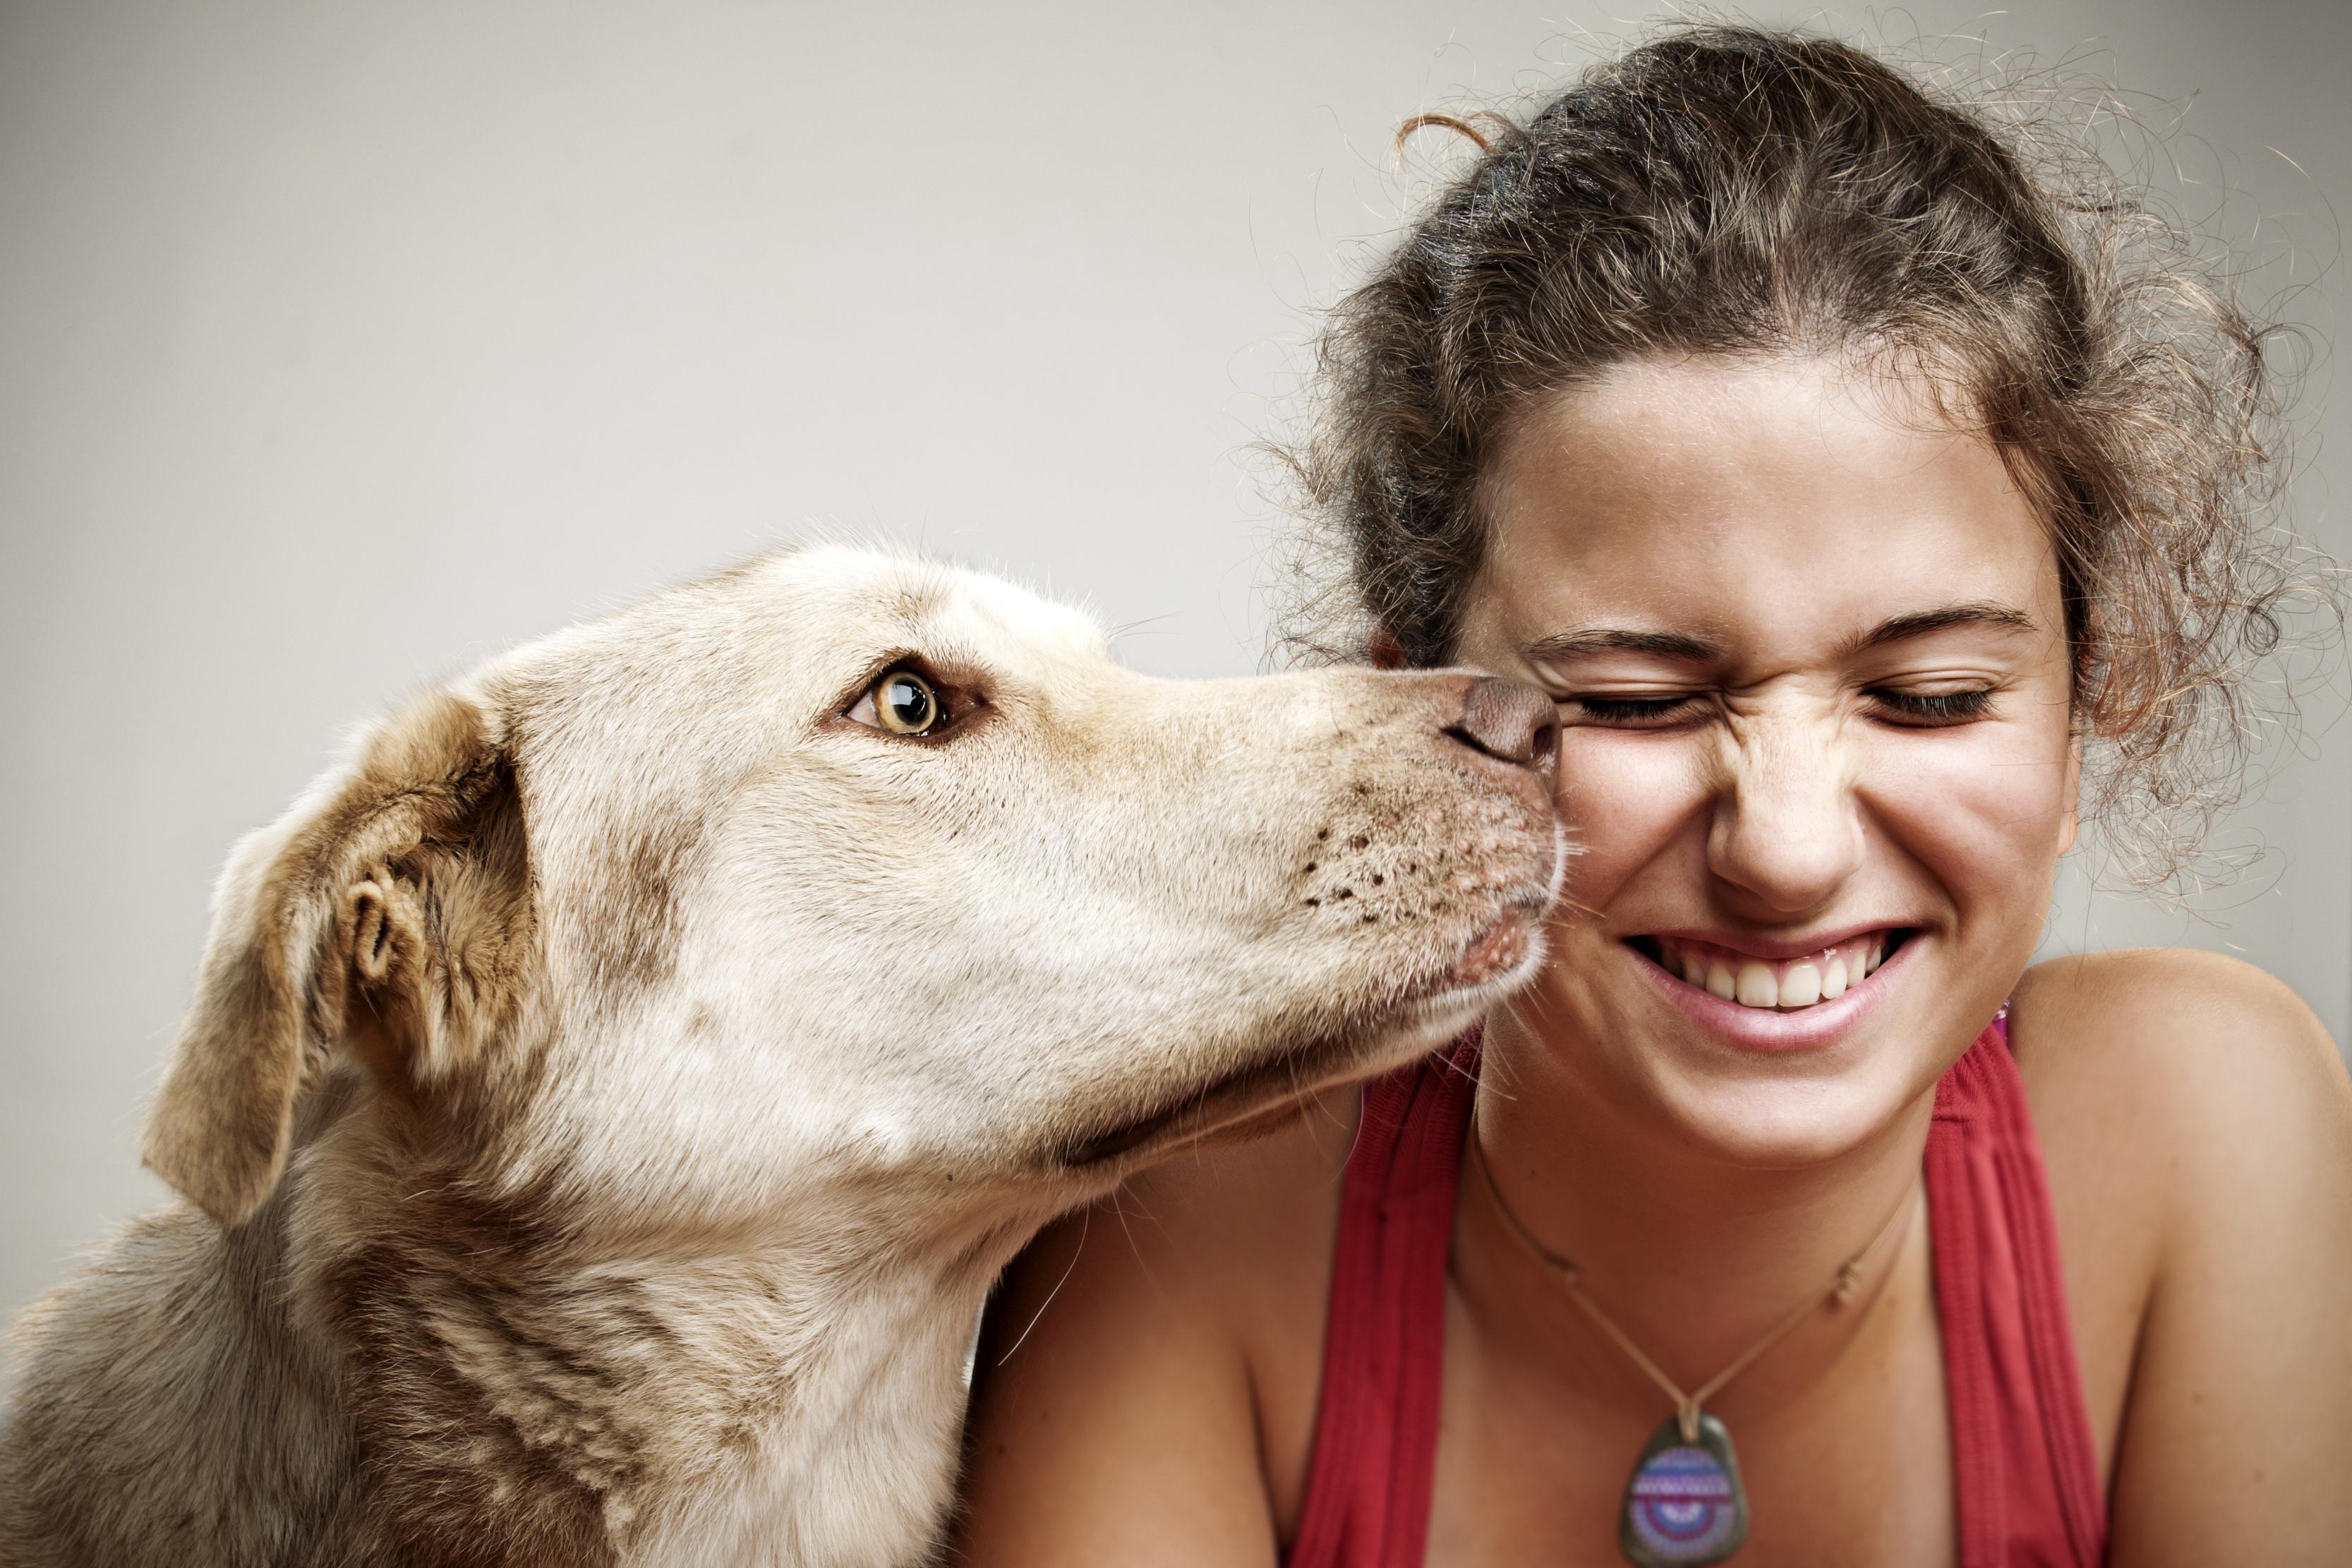 картинки эмоции людей и животных помощью люди